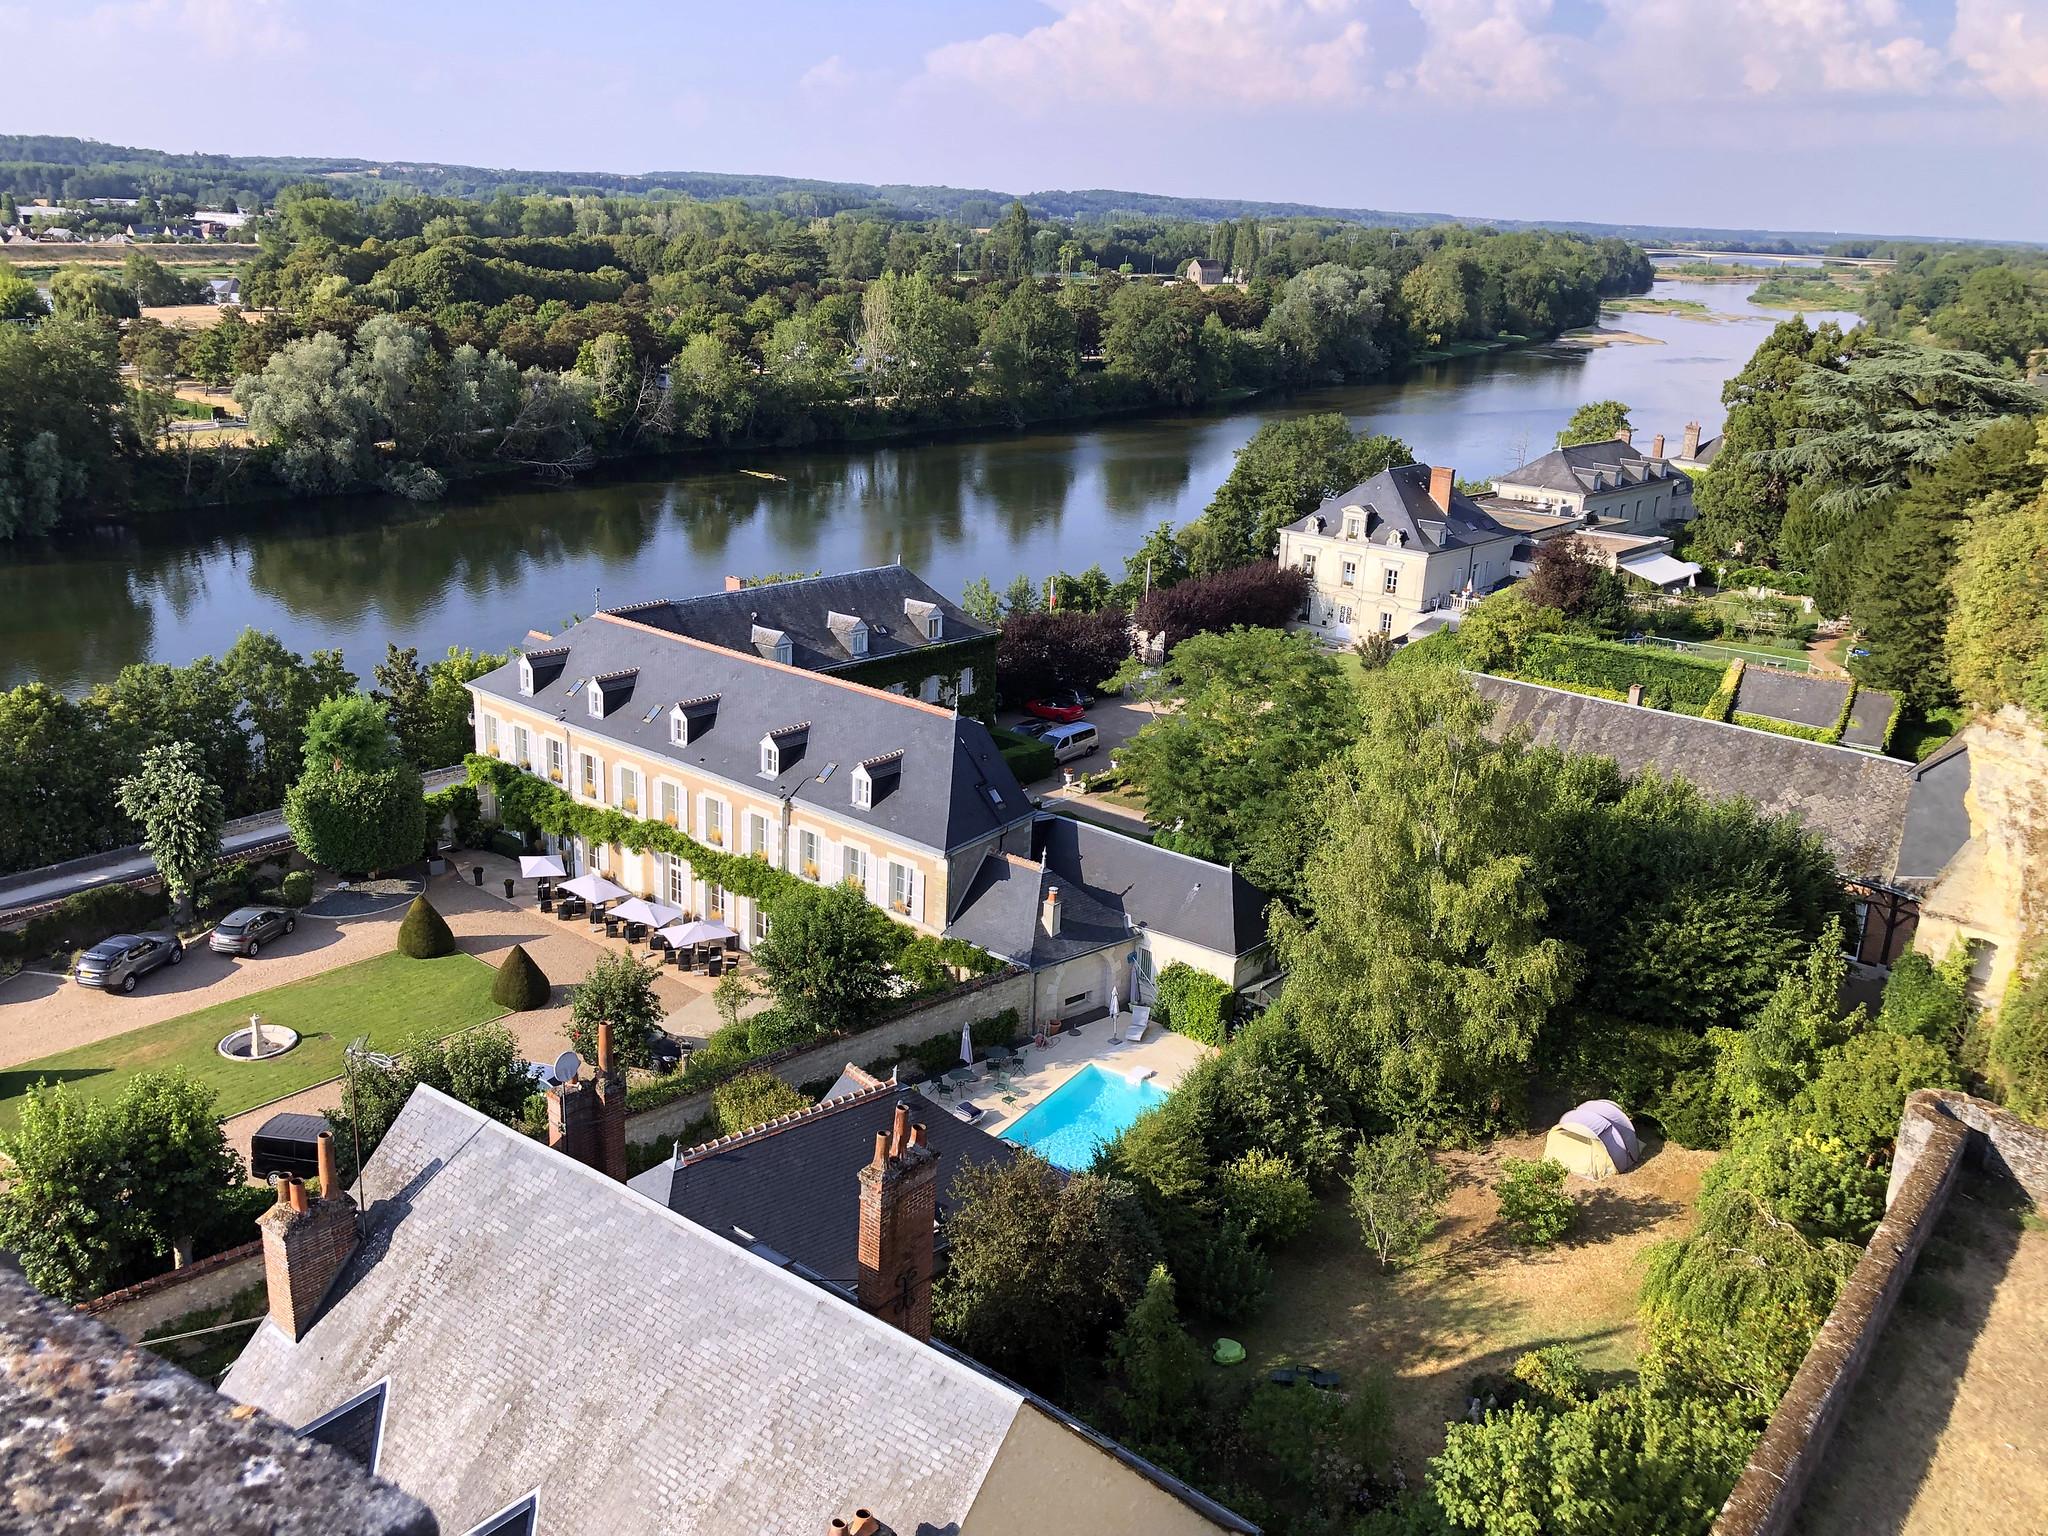 Valle del Loira en 2 días, Francia - Amboise, Tours, Chenonceau valle del loira en 2 días - 48643798151 ad945d2583 k - Valle del Loira en 2 días